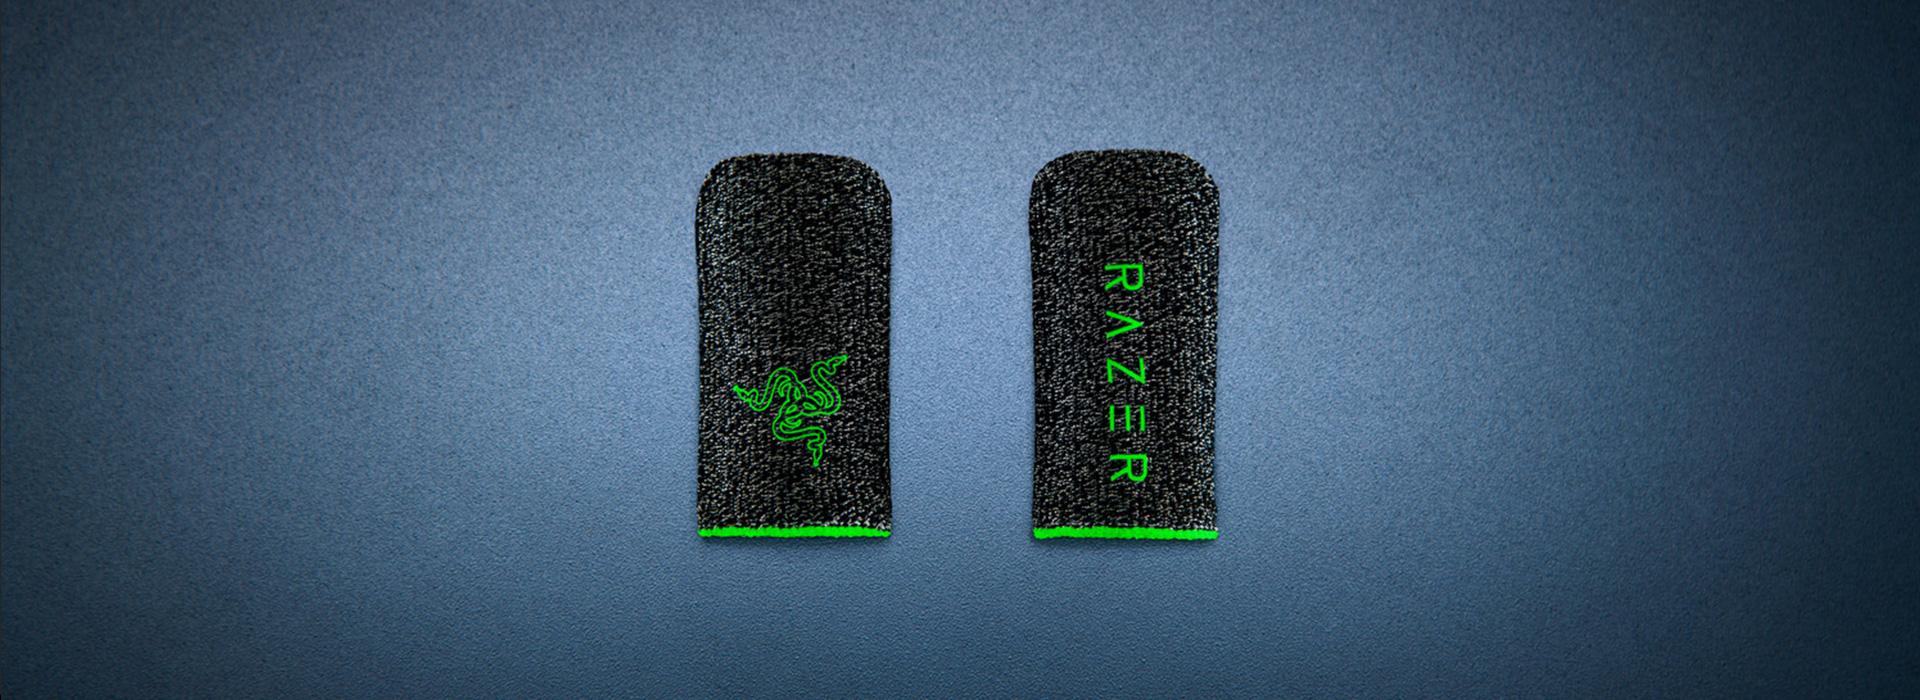 razer gaming finger sleeve usp2 desktop